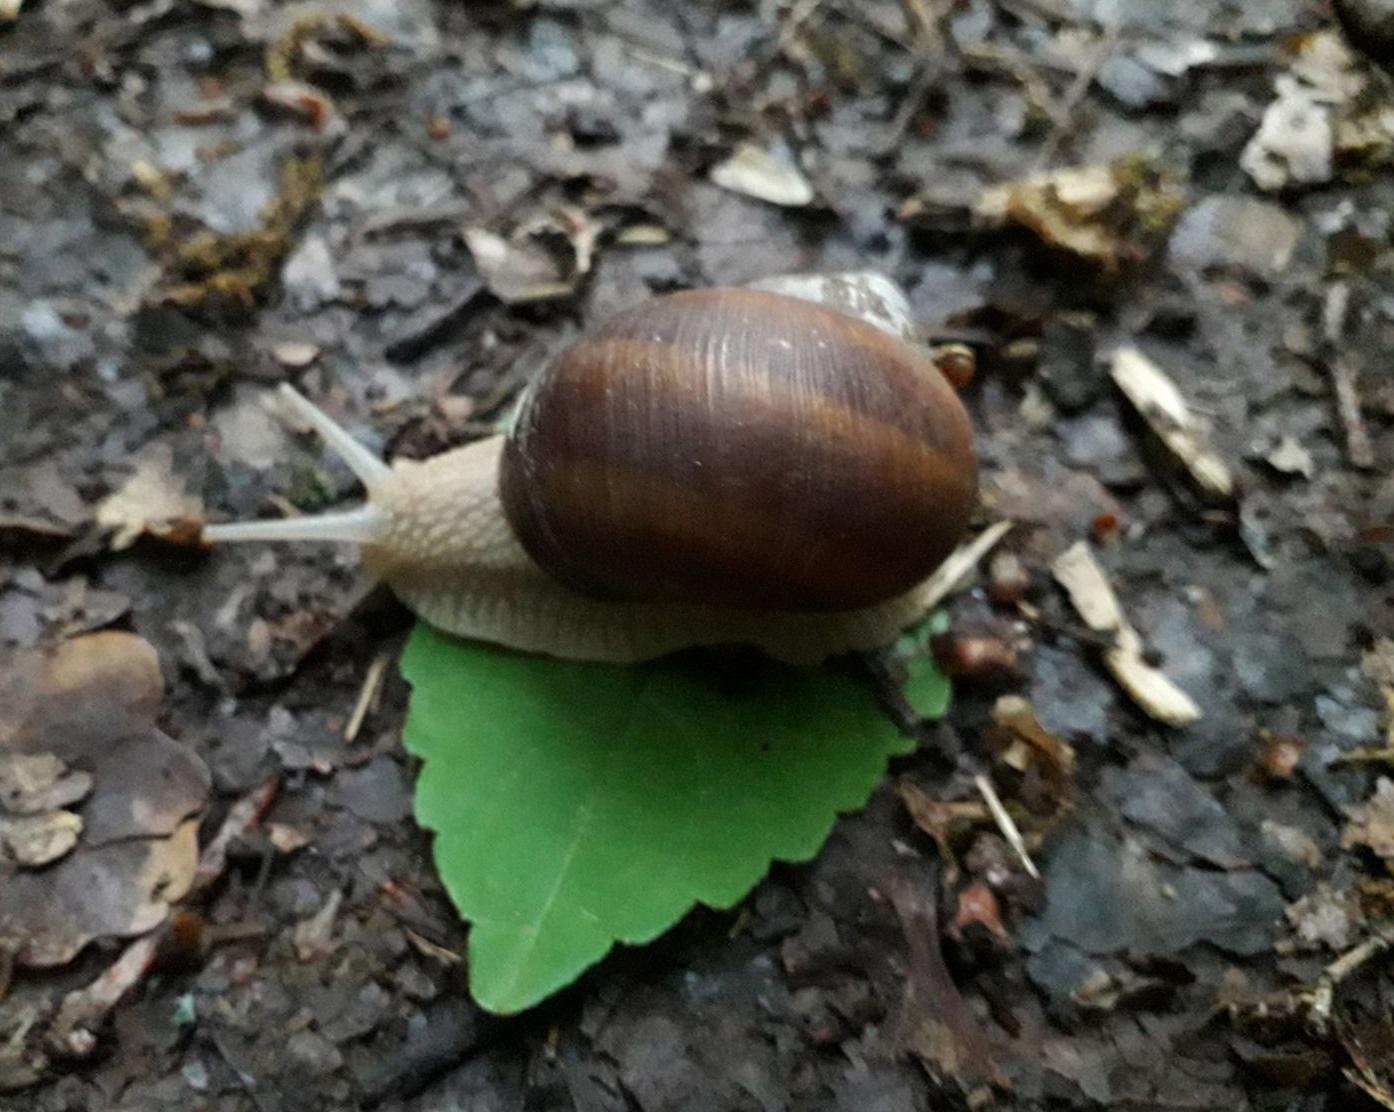 улитку на листик посадила я, она просто ползла по дорожке :)